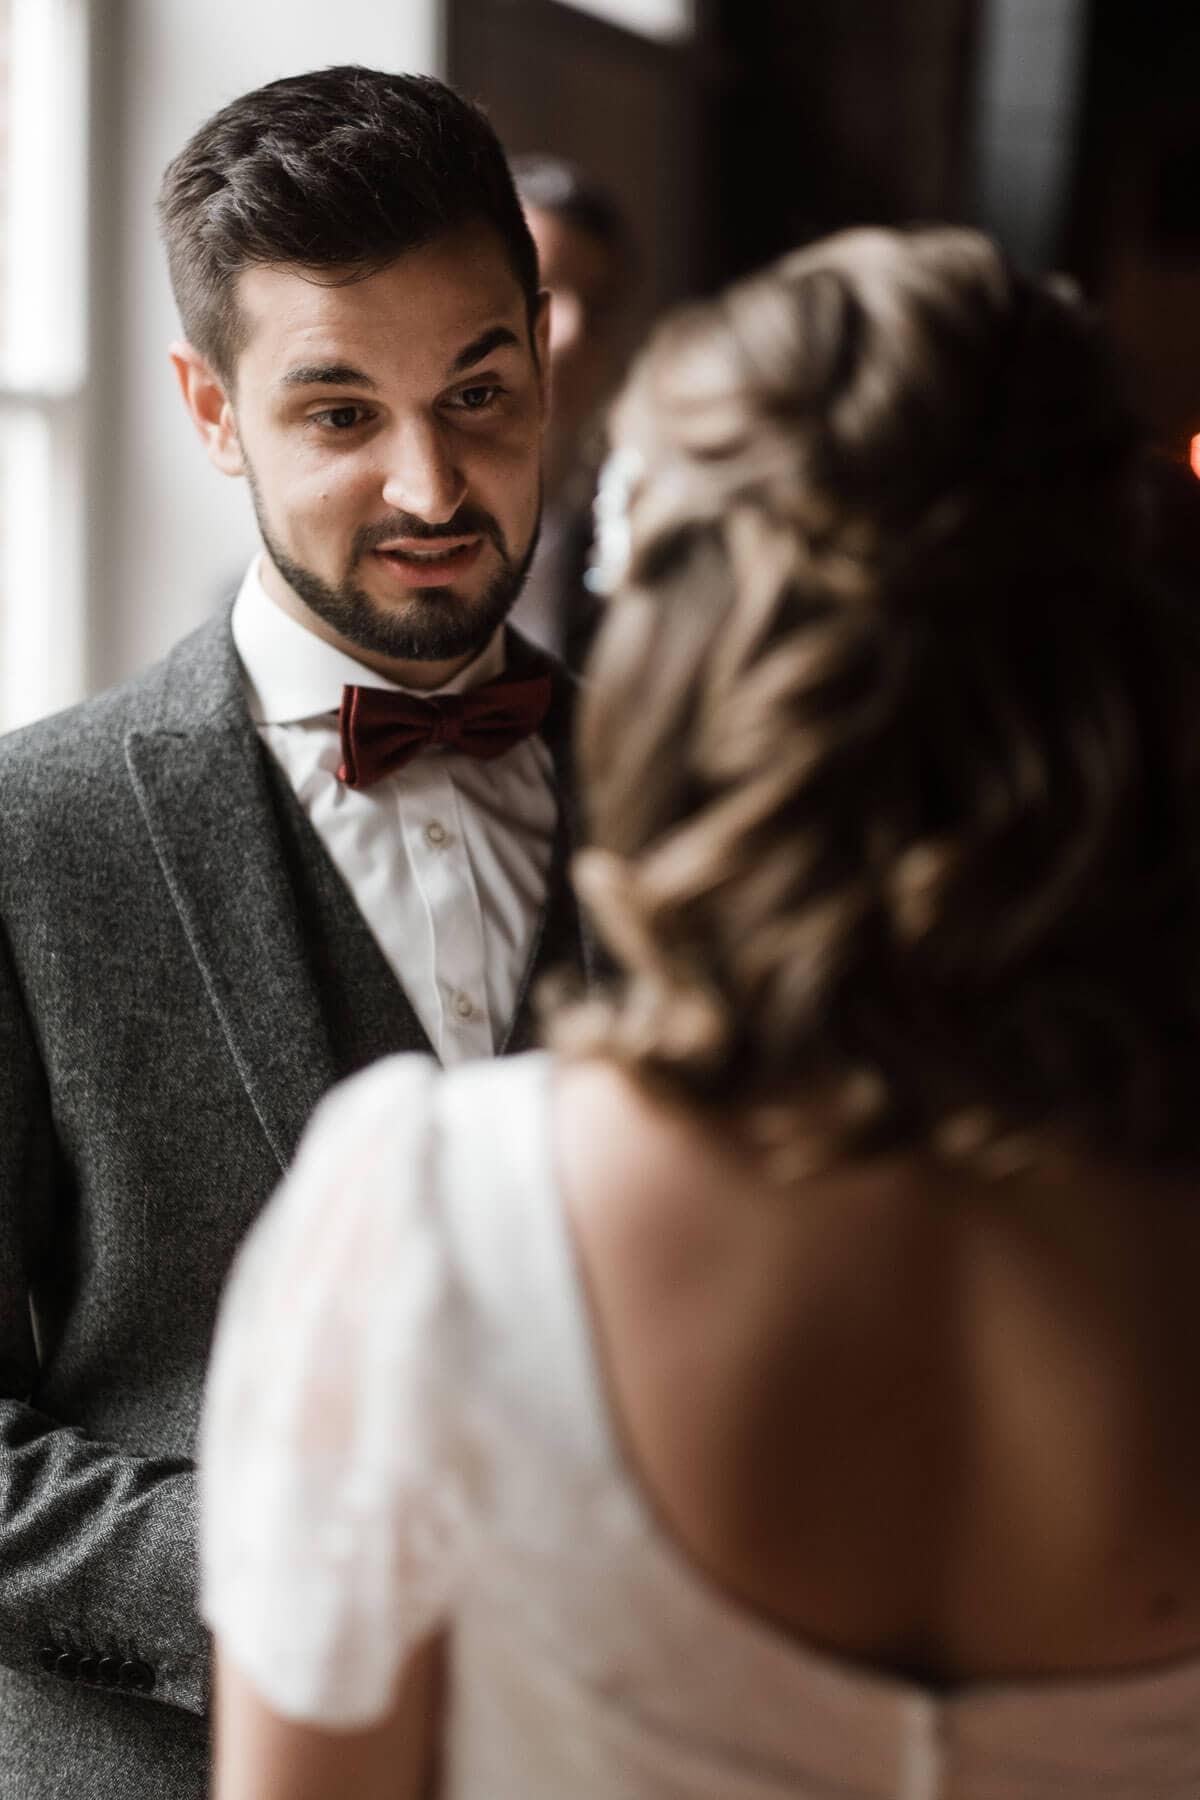 die Braut und der Bräutigam stehen sich gegenüber, sie schauen sich an